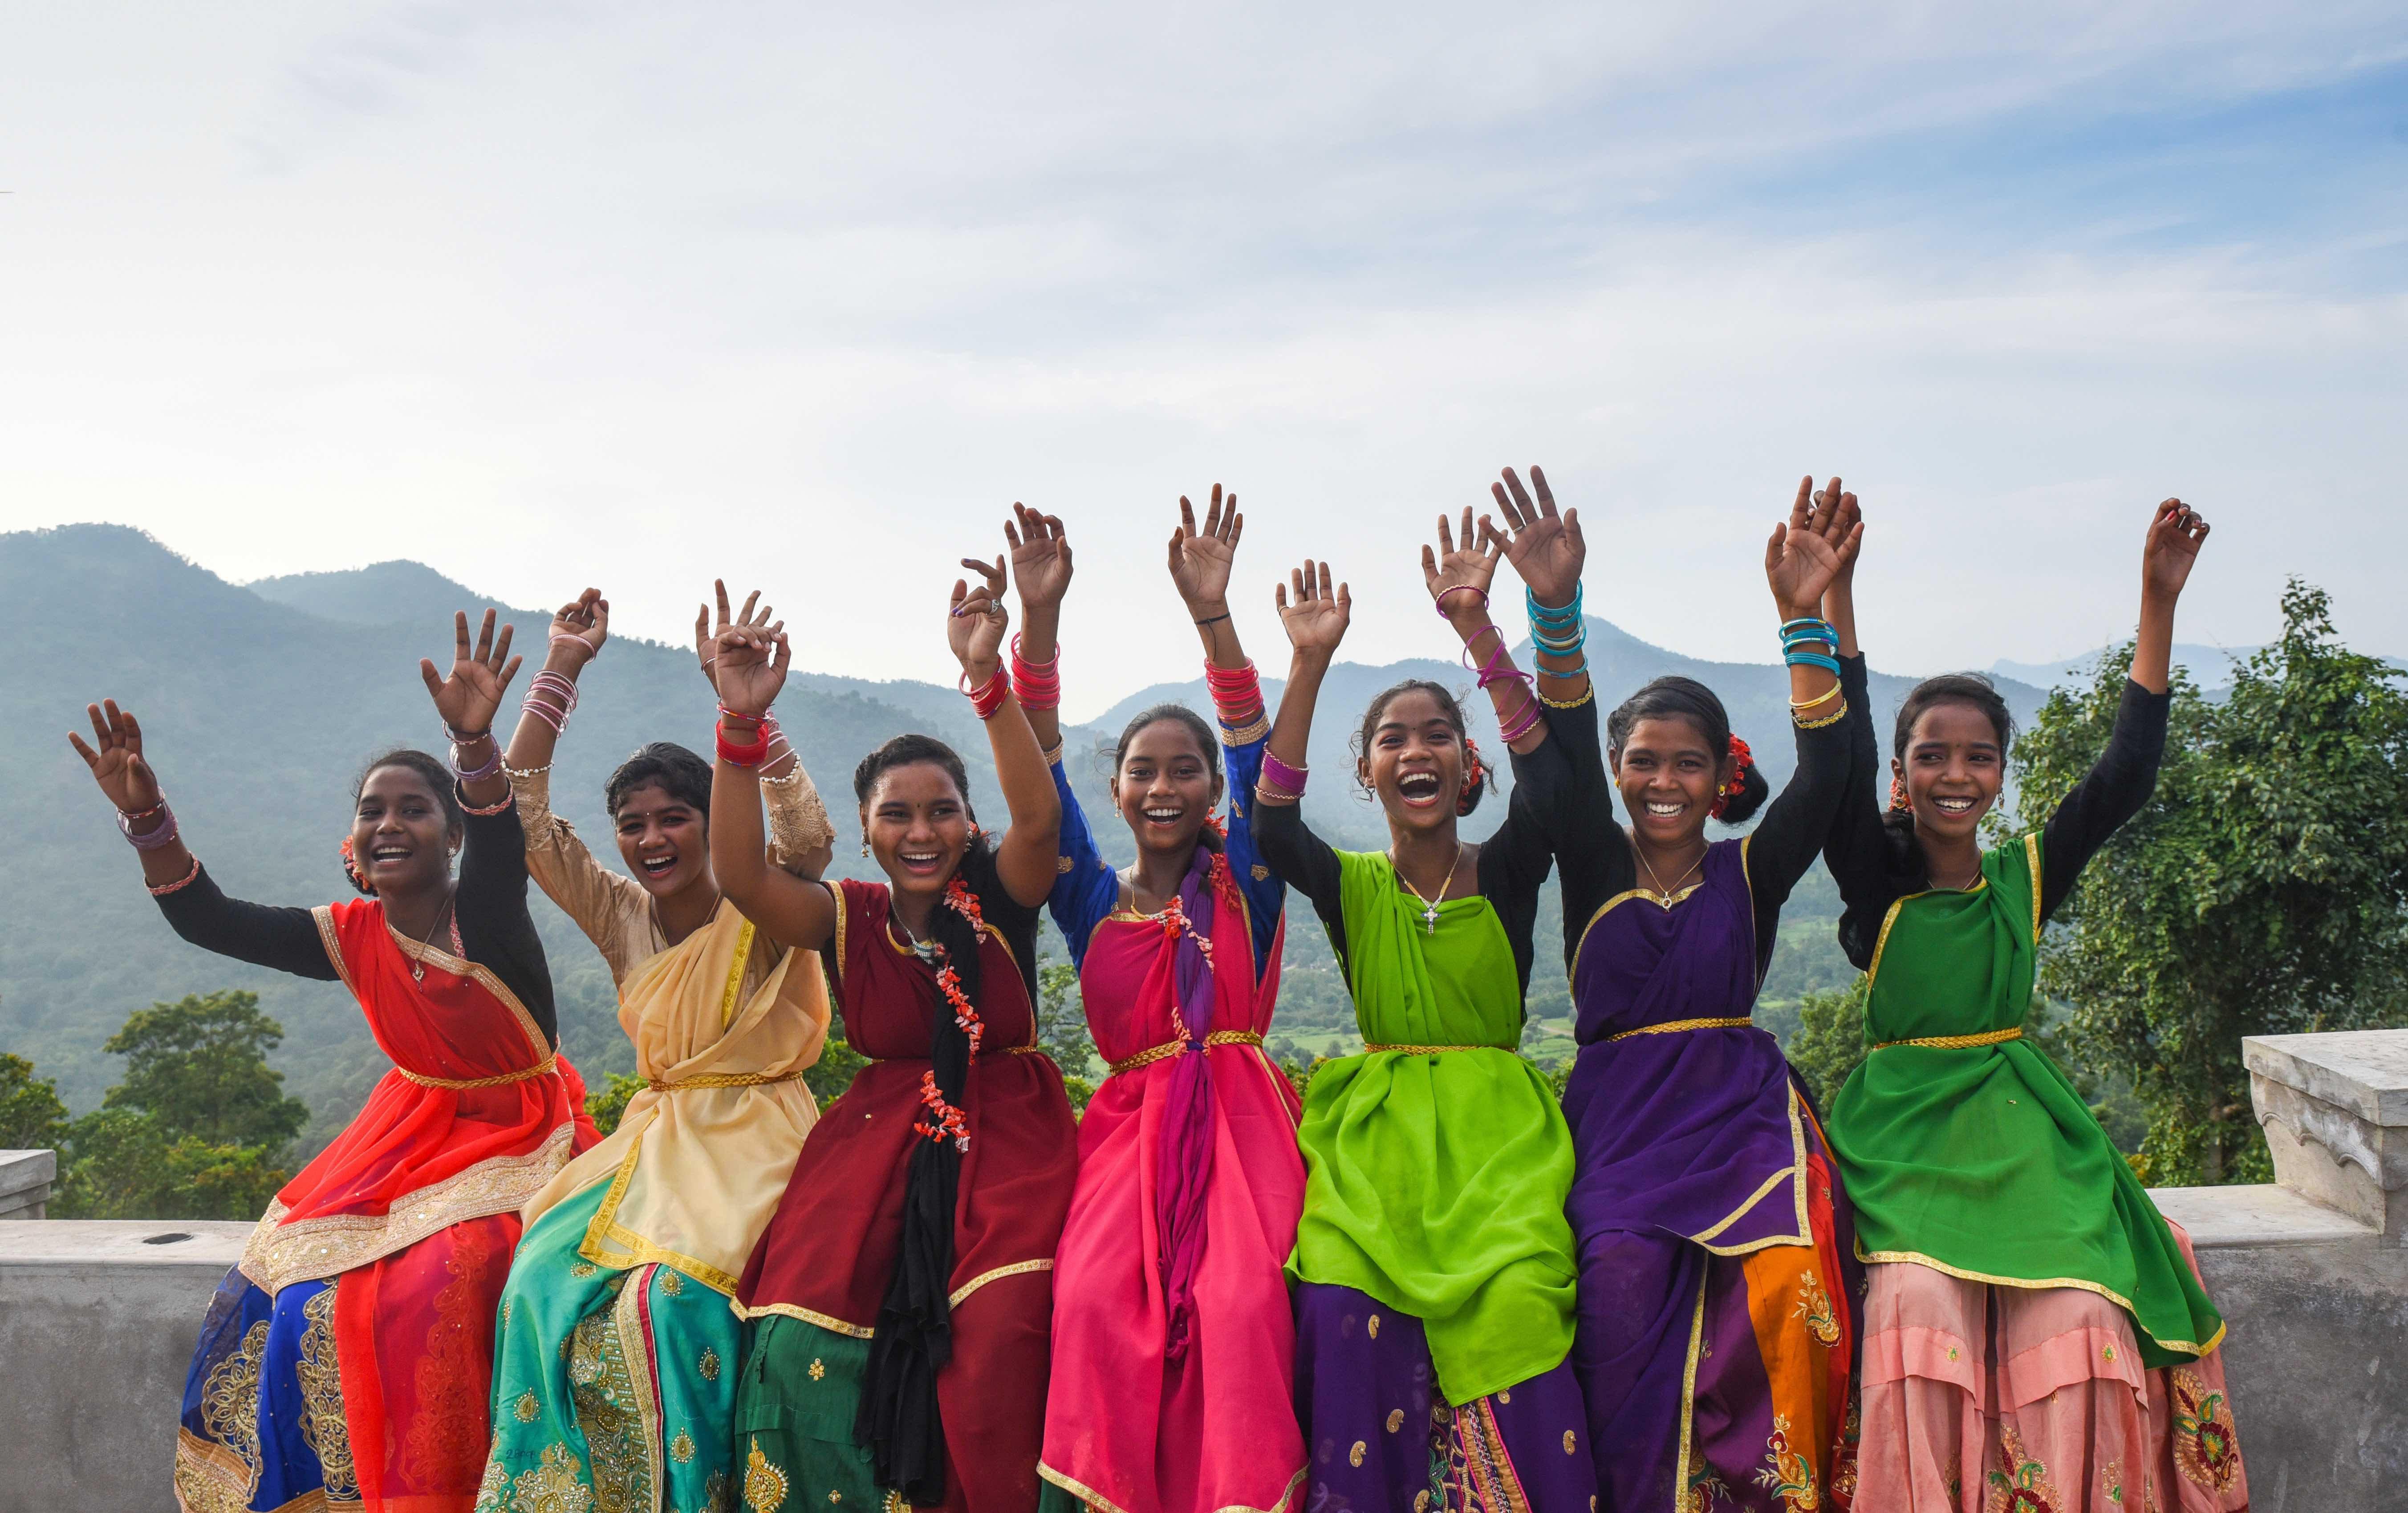 mädchen-bildung-schule-indien.jpg